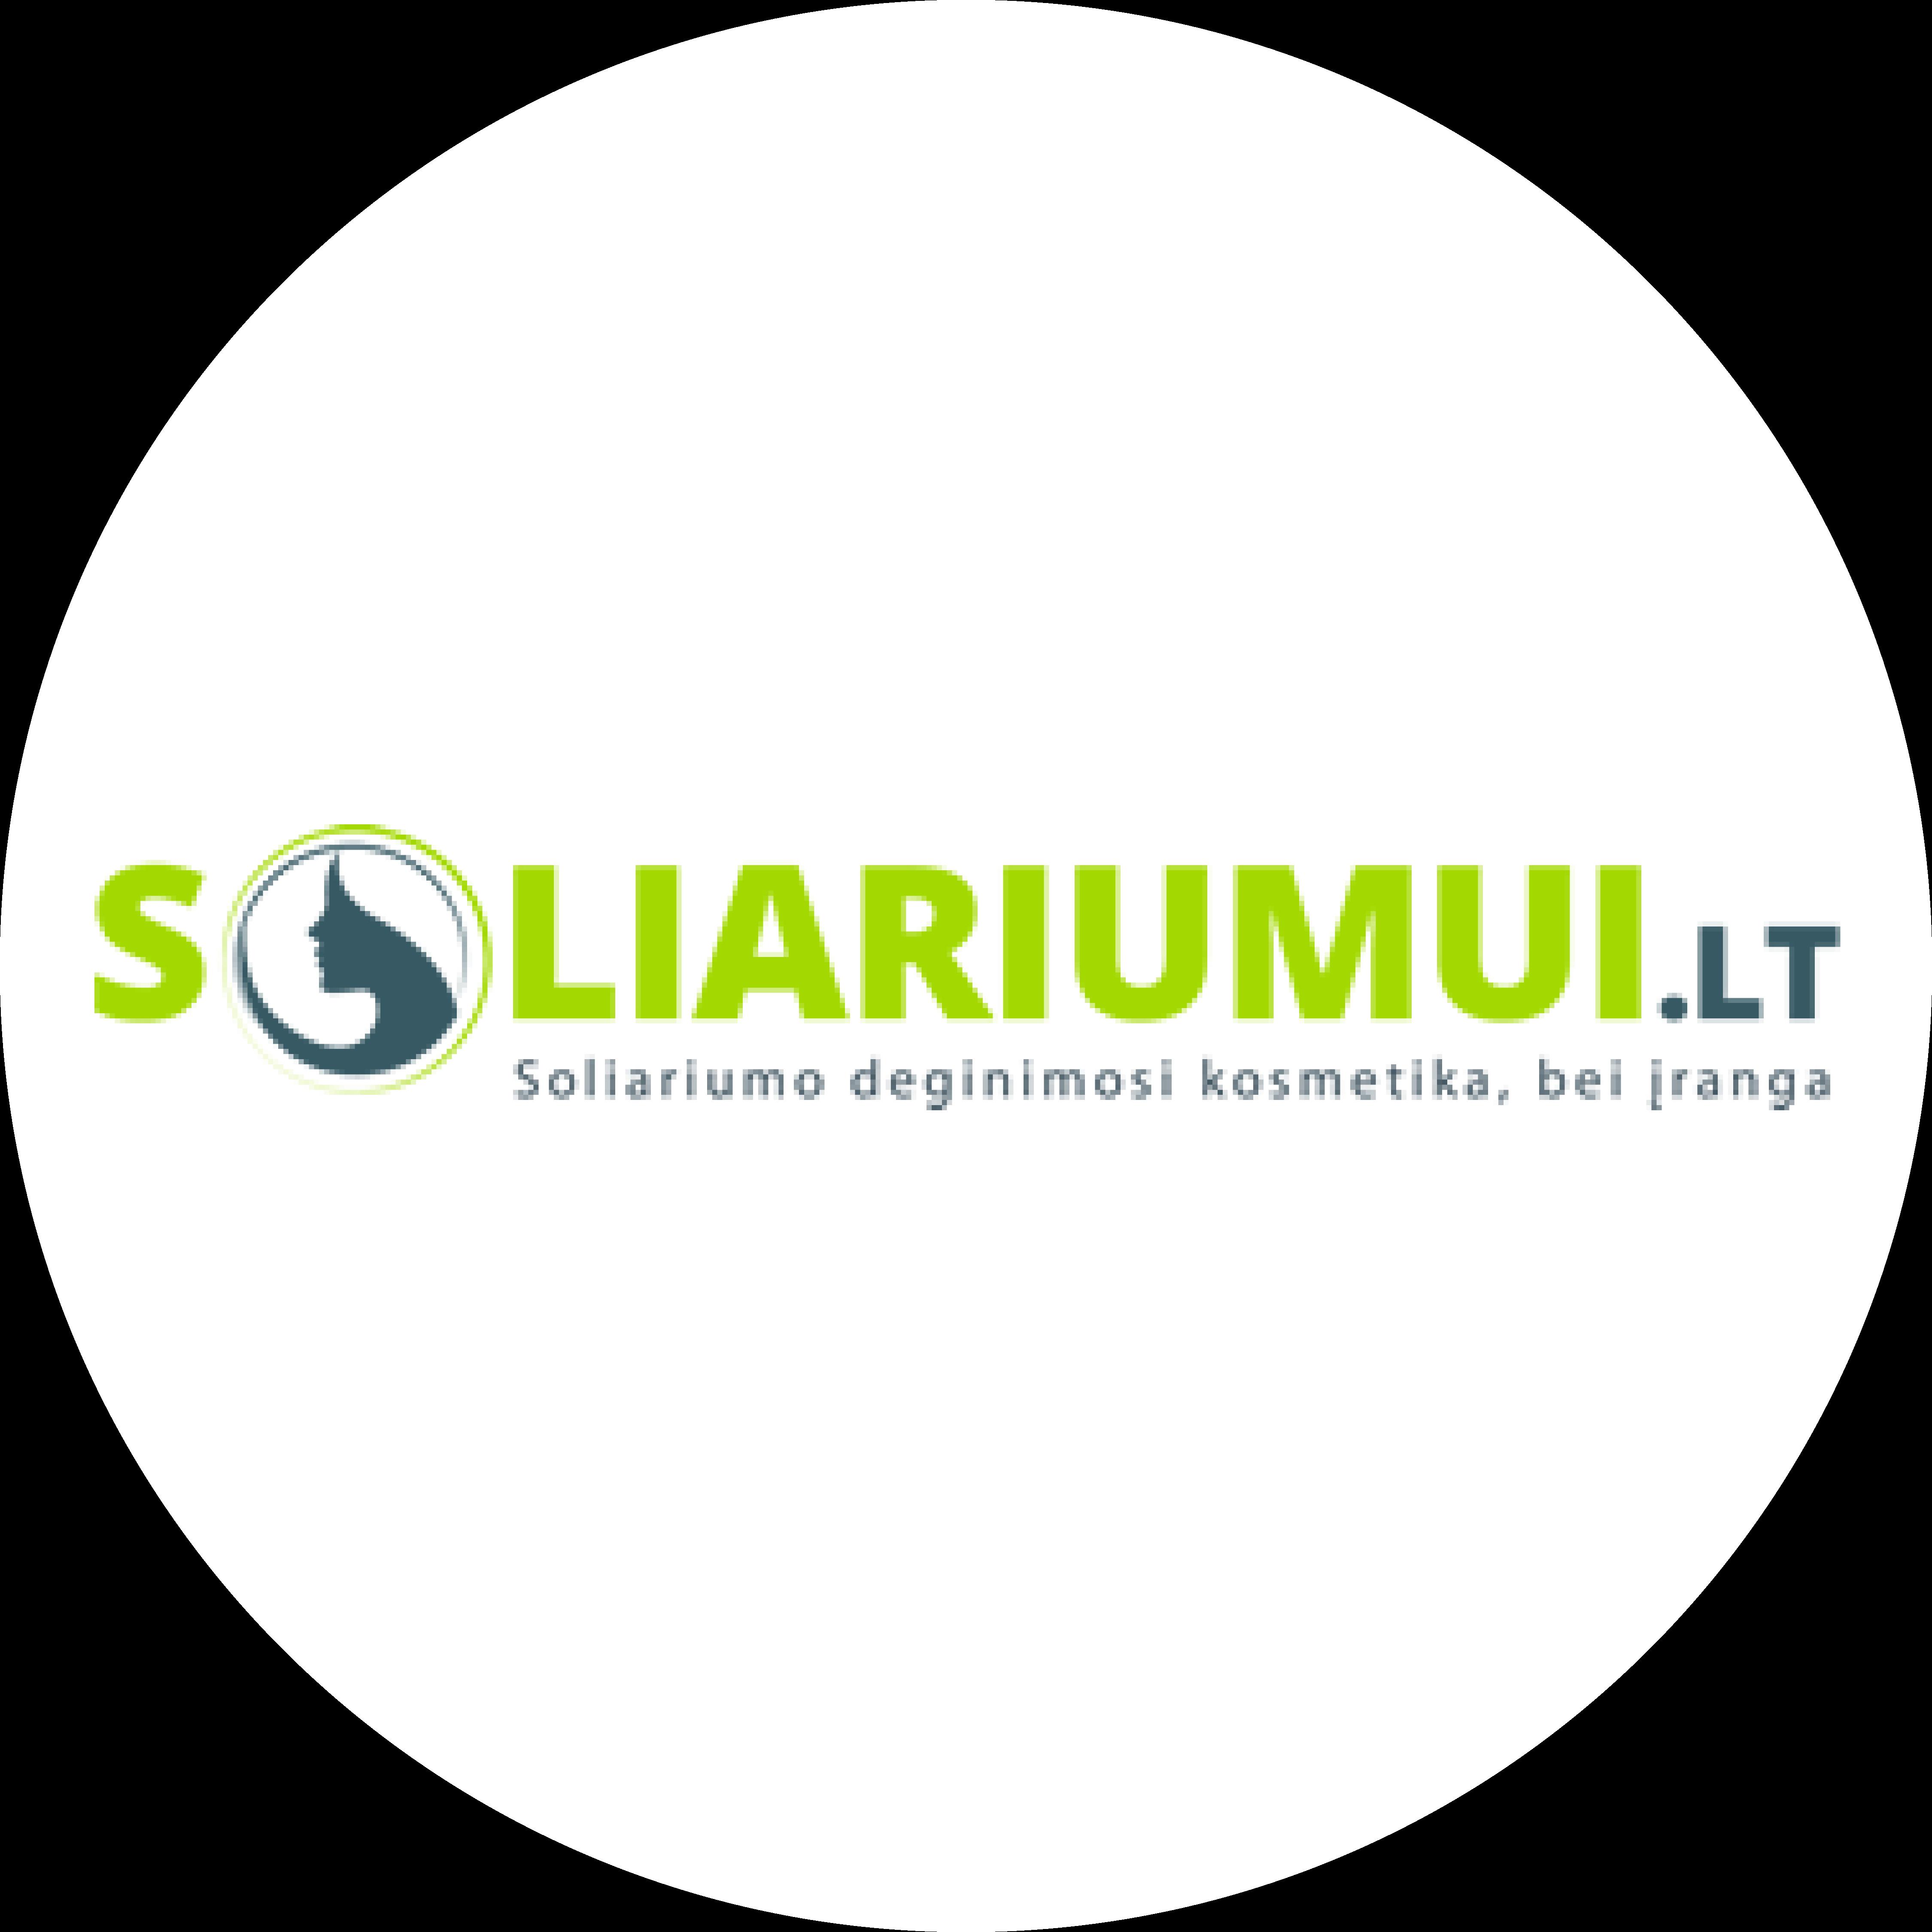 T_Soliariumui